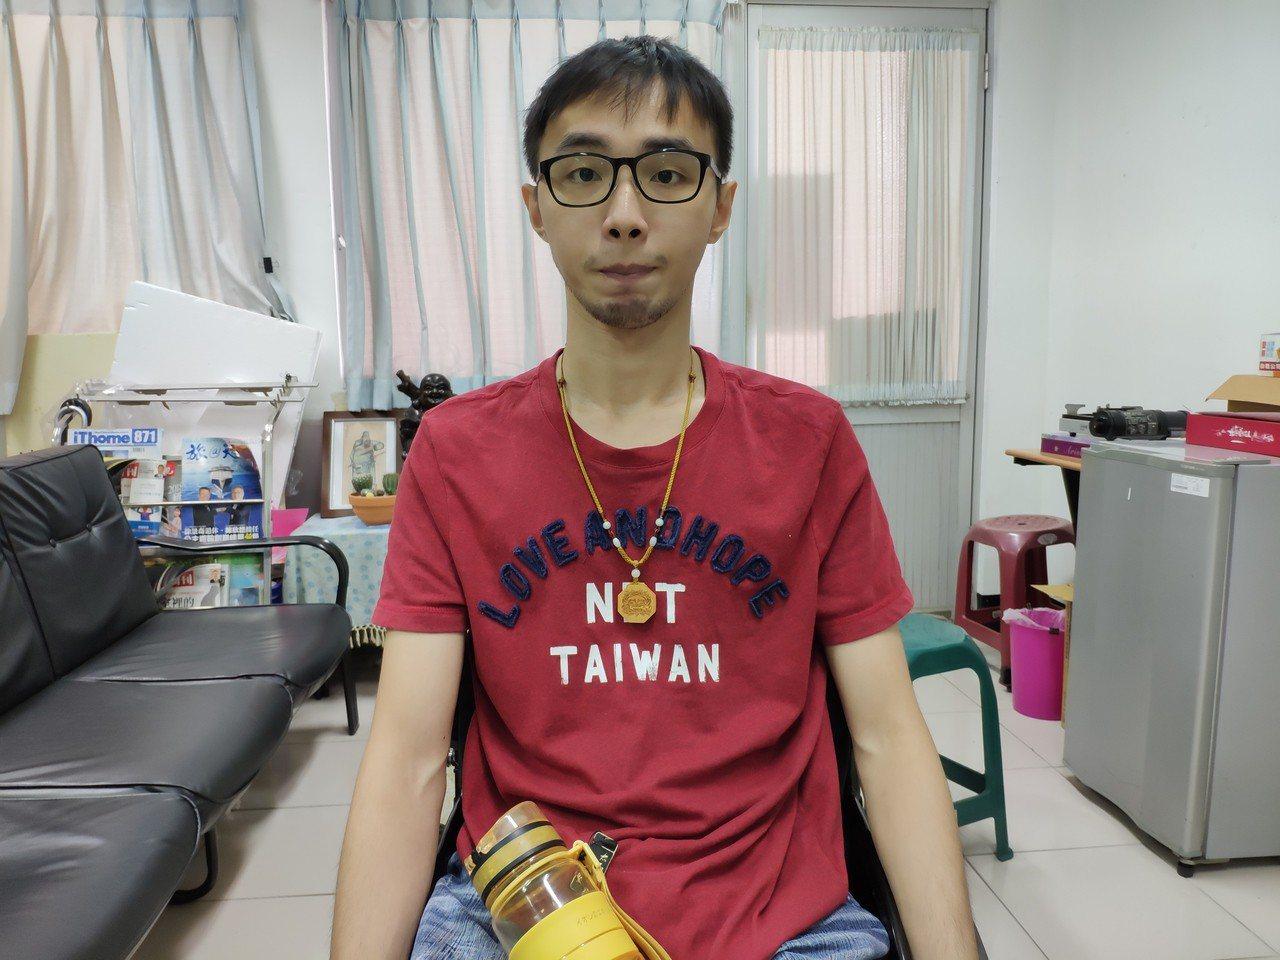 台灣首府大學資訊與多媒體設計學系學生韓文昊。記者謝進盛/攝影